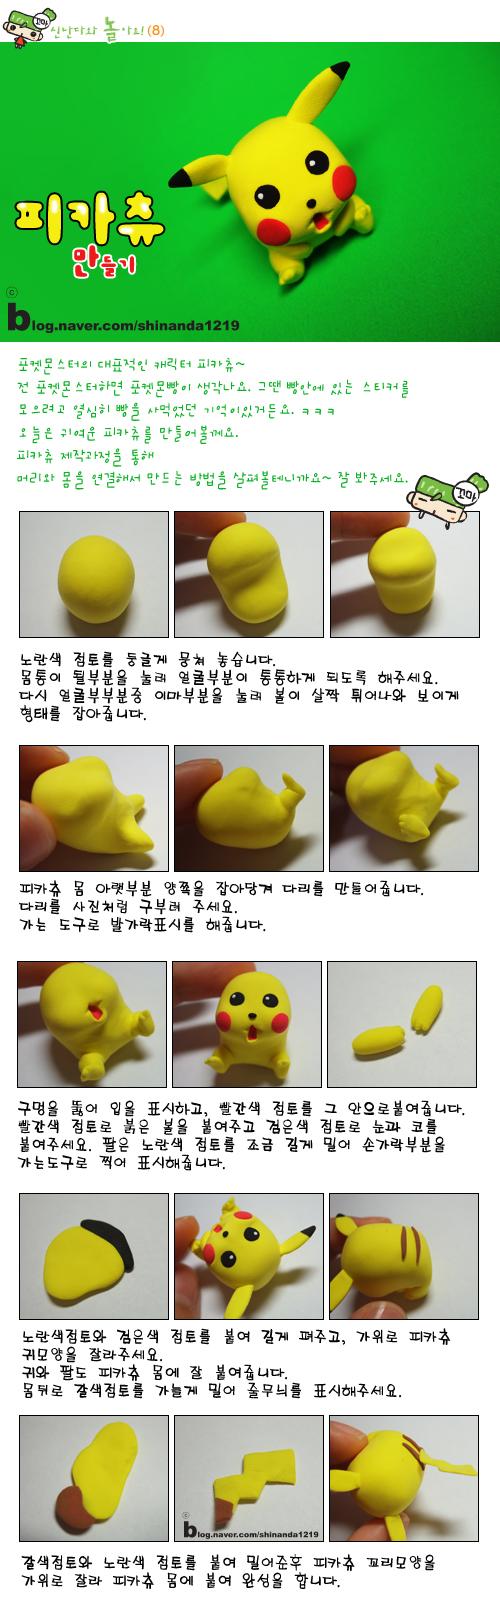 Pikachu (ピカチュウ, Pikachū)